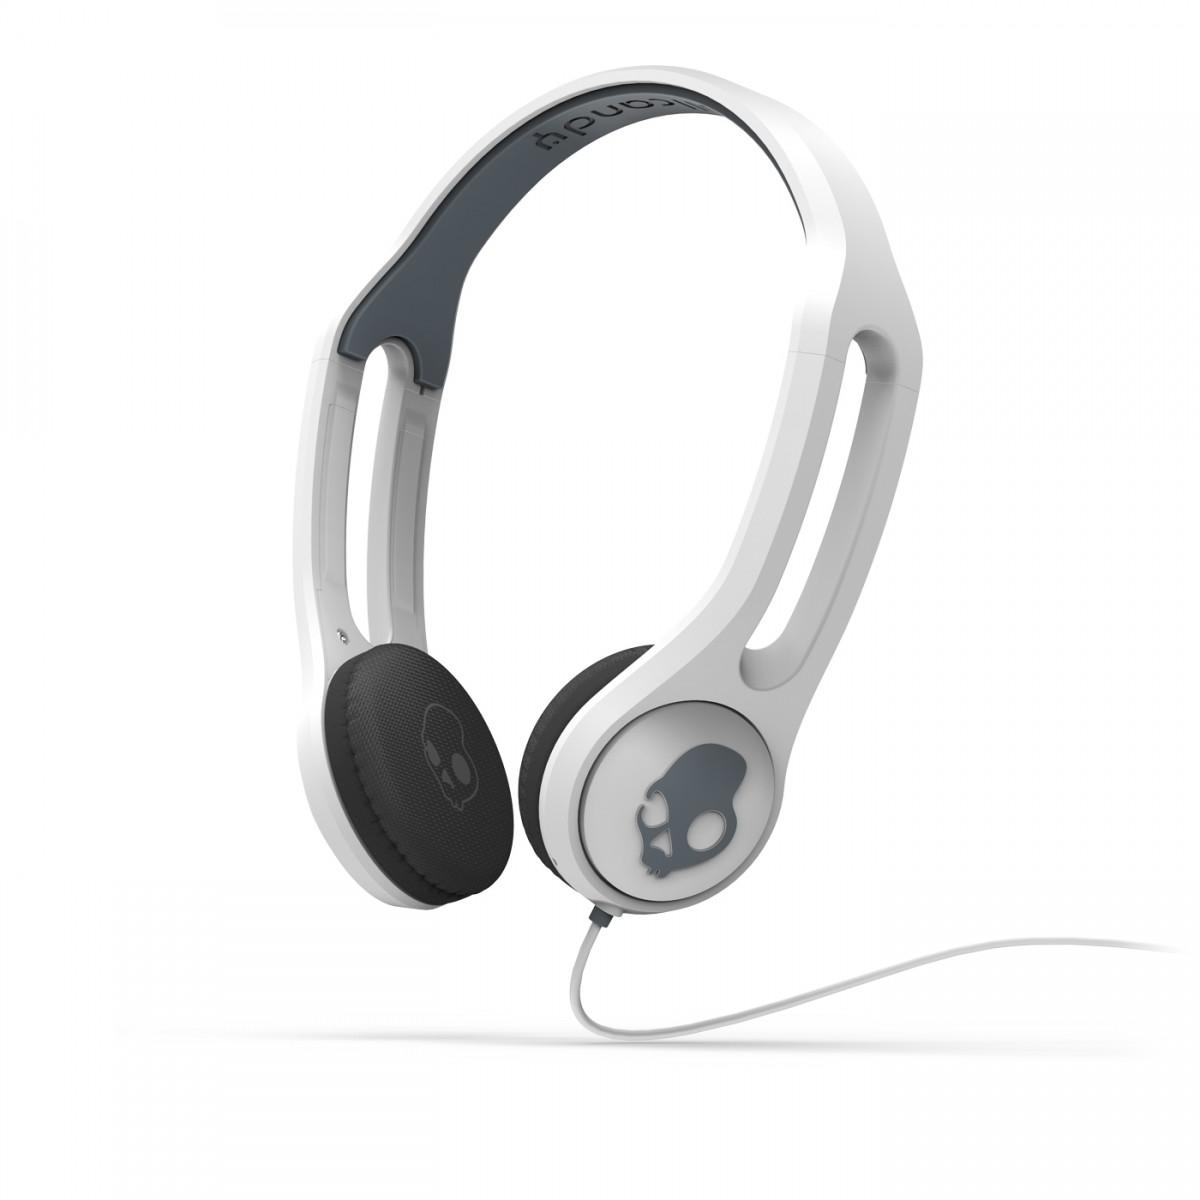 Fone de Ouvido c/ Microfone ICON3 Branco com Toque na Concha para Smartphones S5IHDY-072 - Skullcand